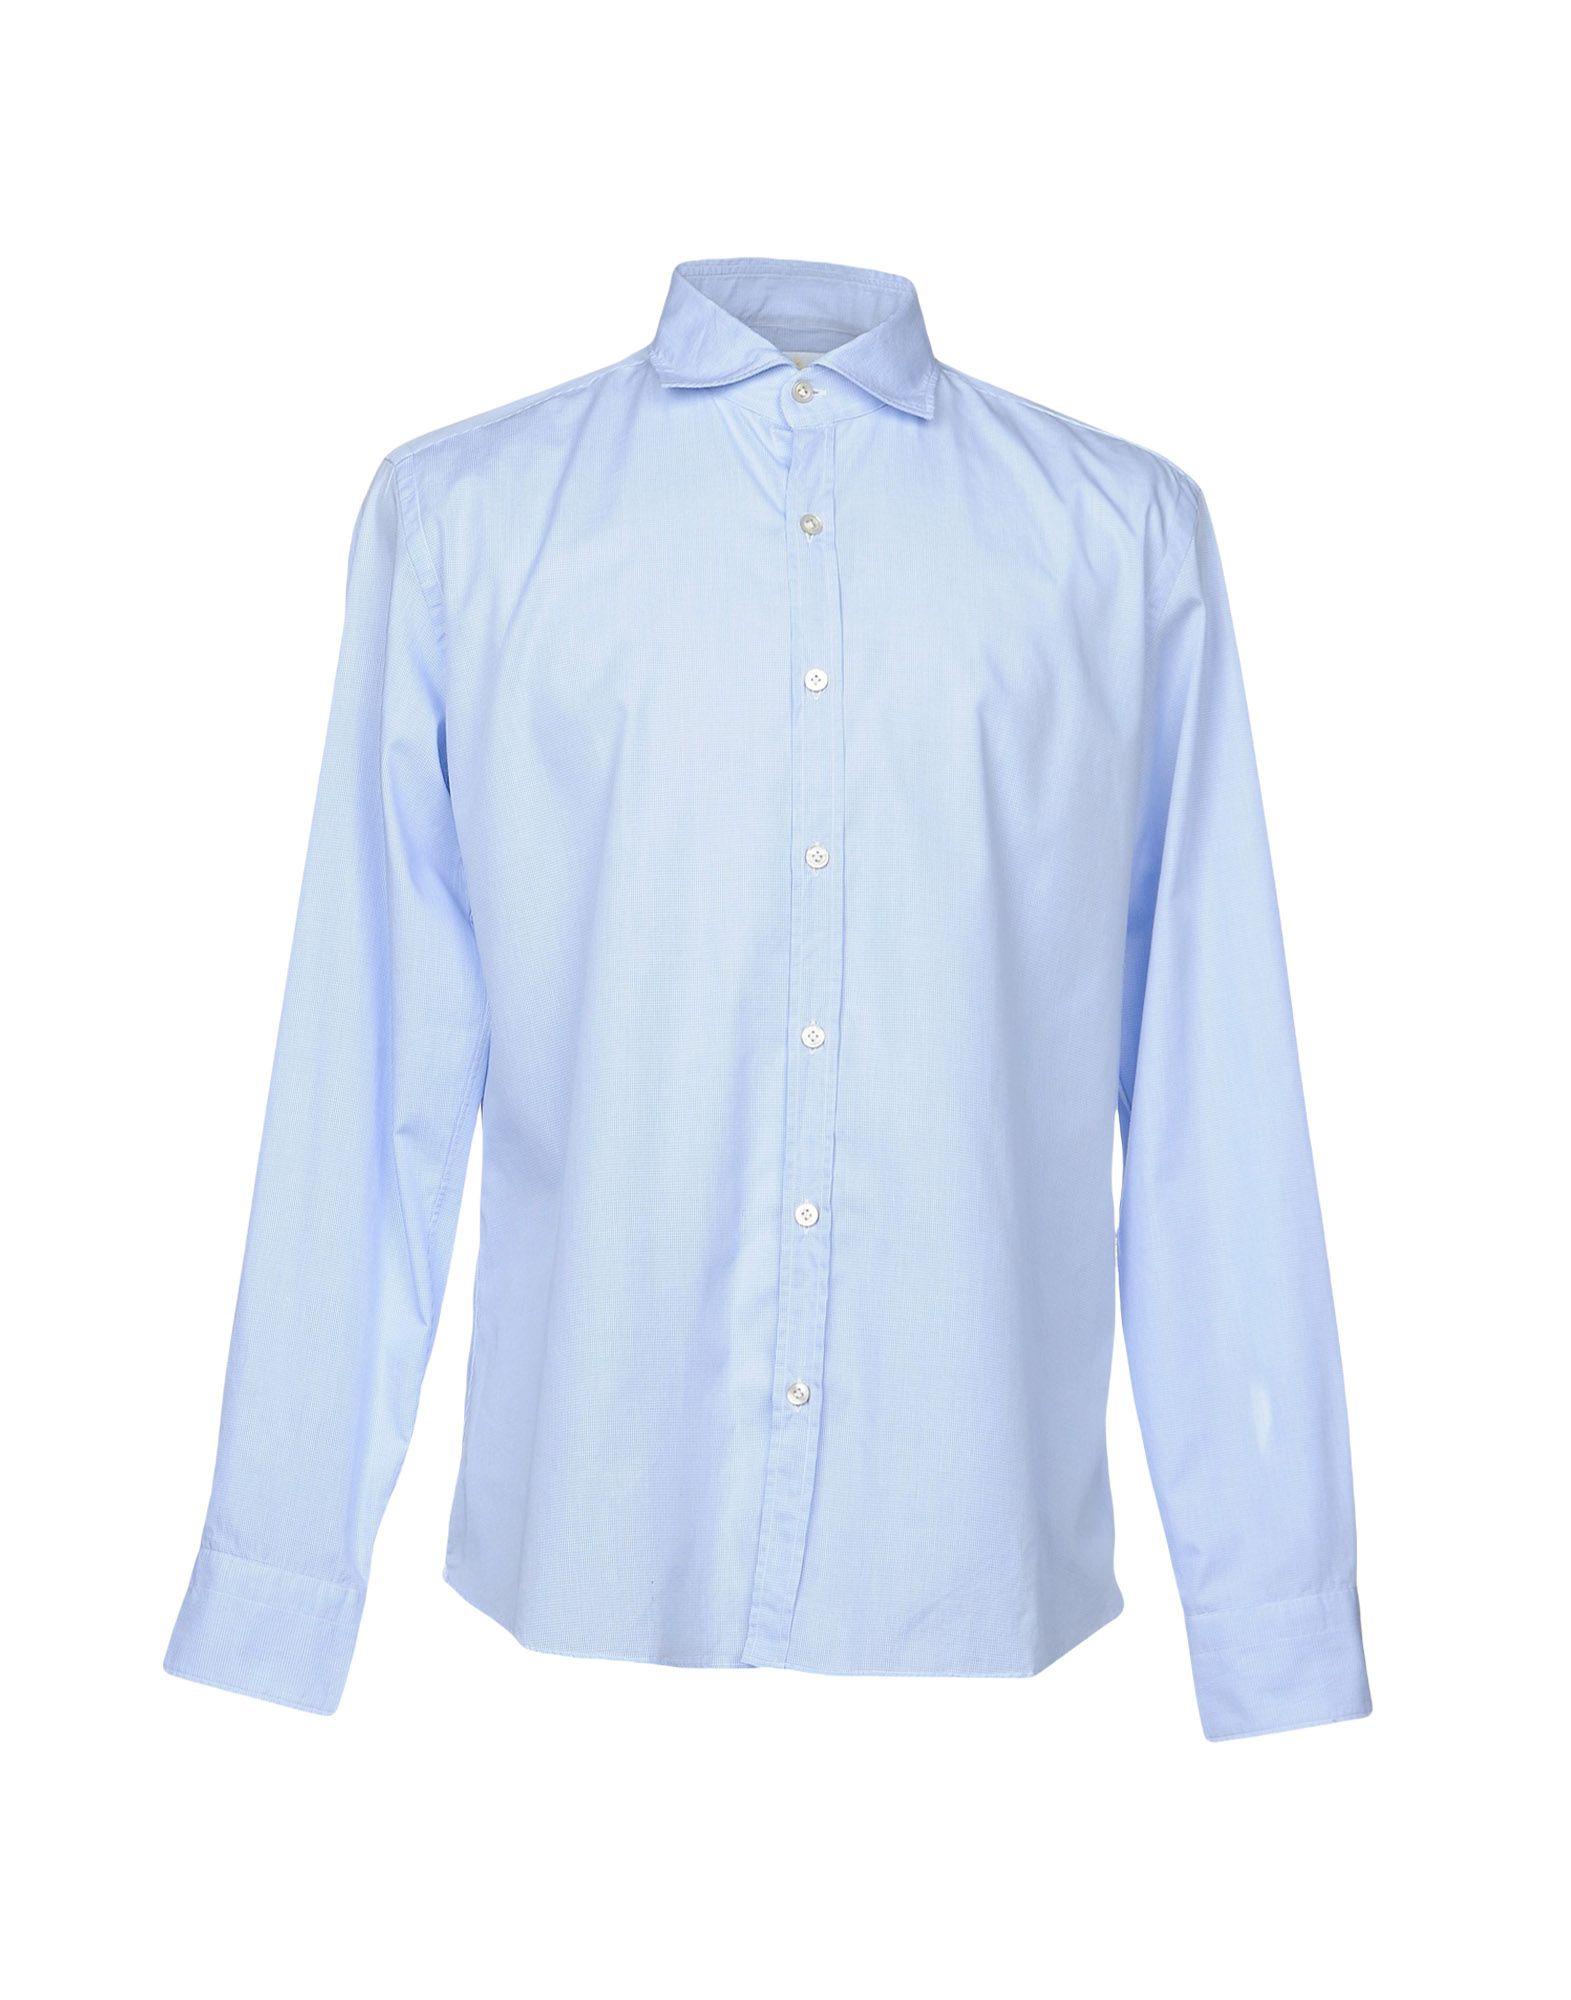 Camicia Tinta Unita Unita Tinta Giannetto Uomo - 38694437MT a74f16